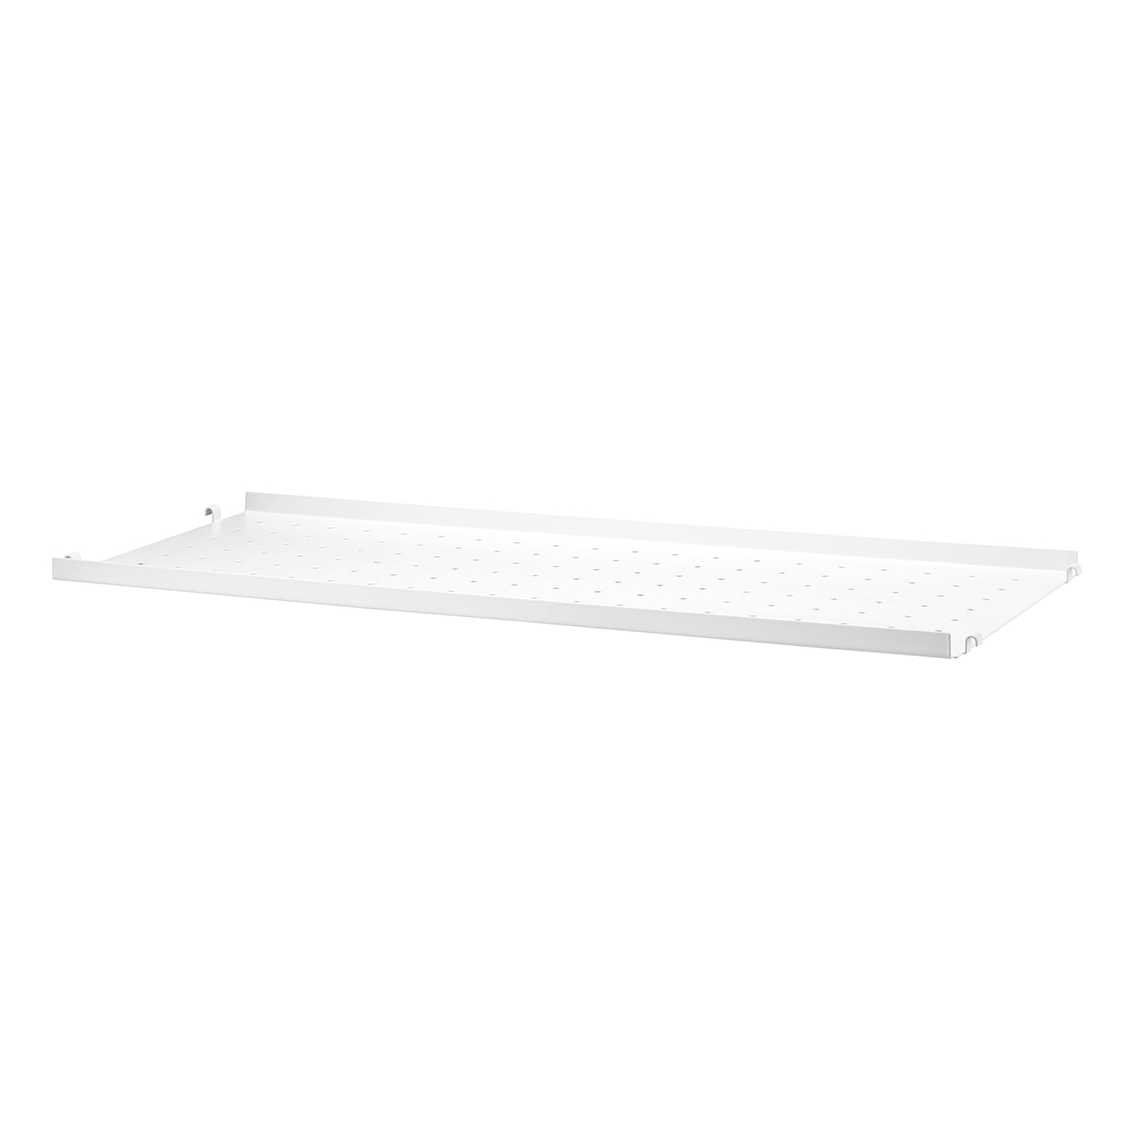 String Metal Shelf Low Edge 78 x 20 - Wit